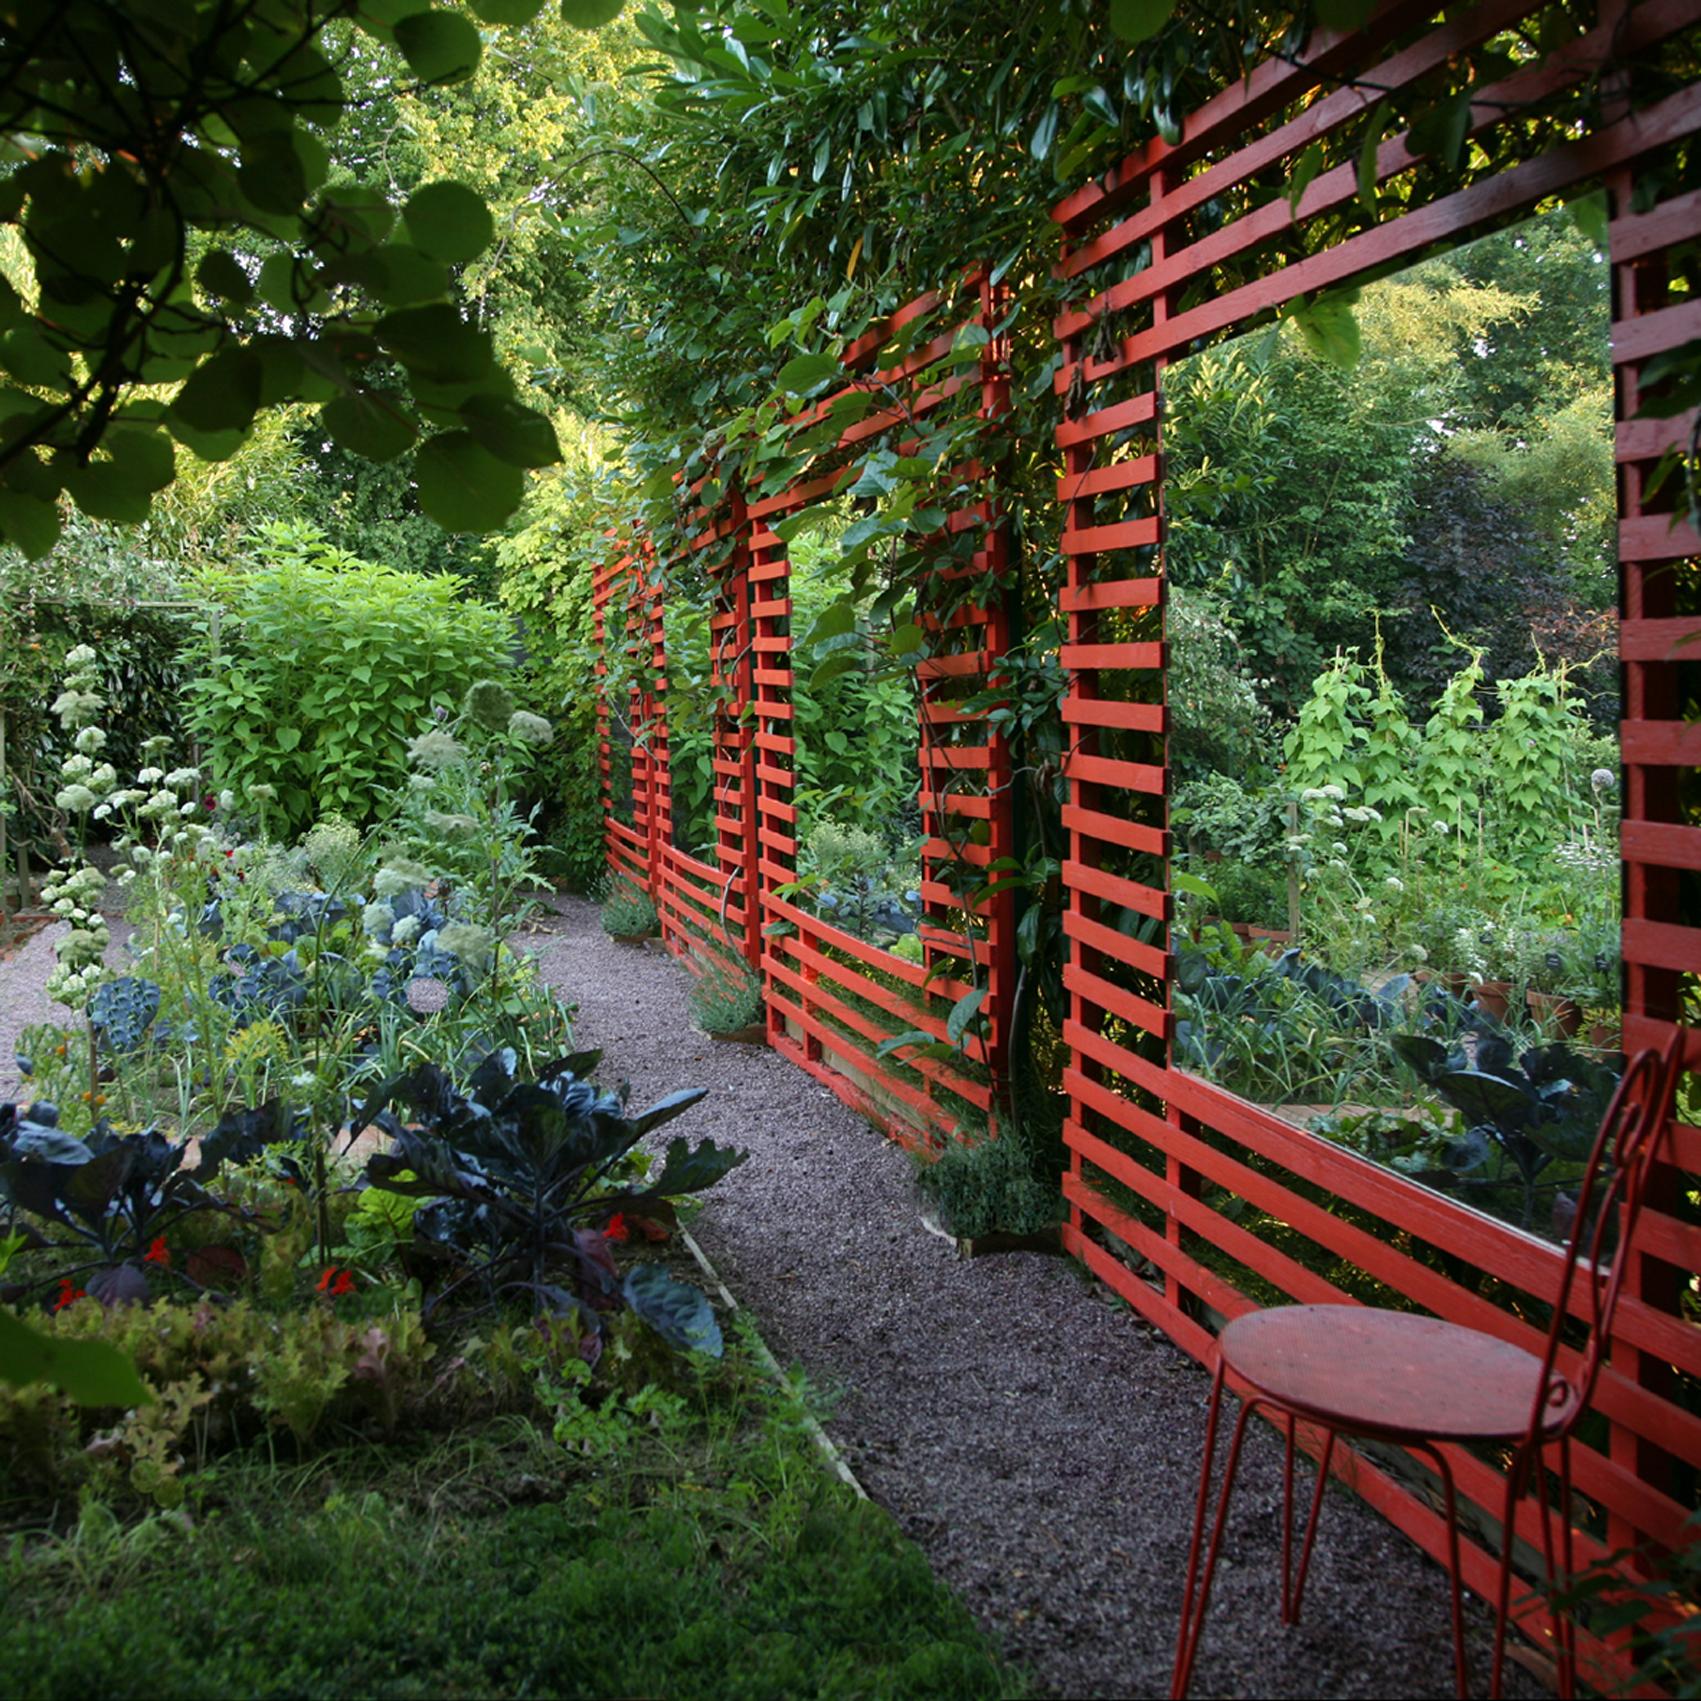 jardin int+©rieur +† ciel ouvert 2 -©Benoit Delomez